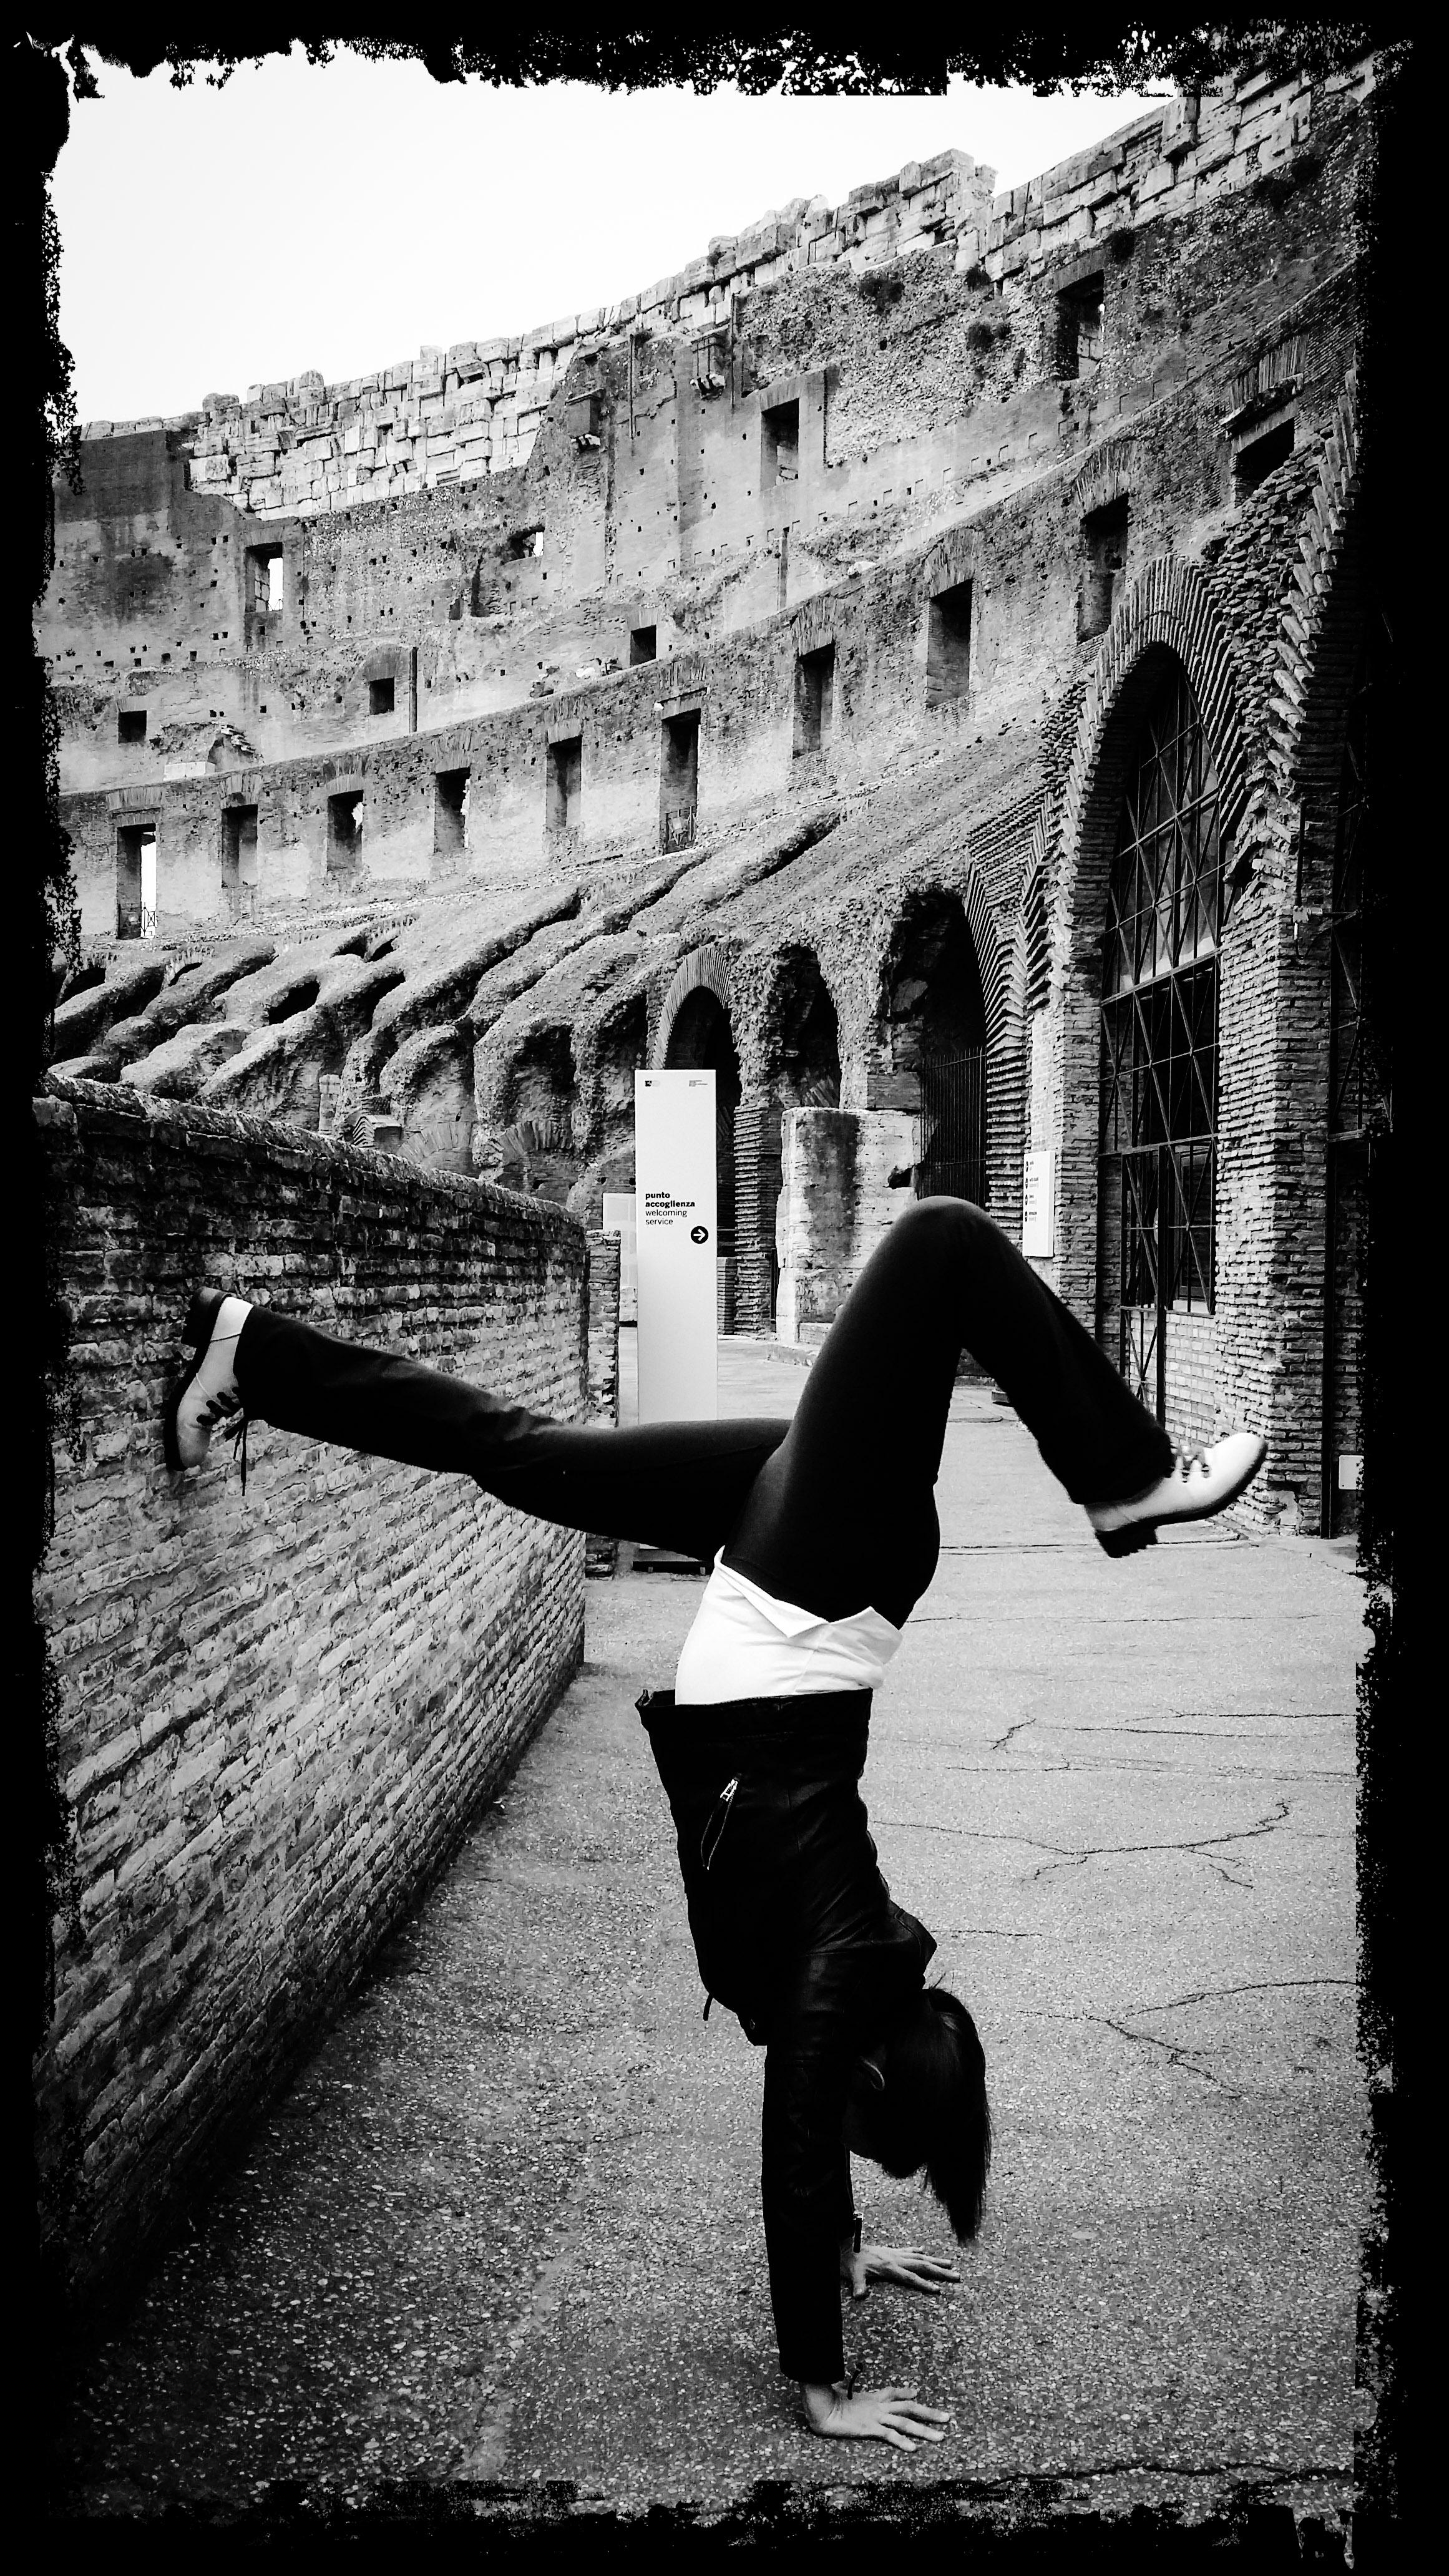 Handstanding across Rome